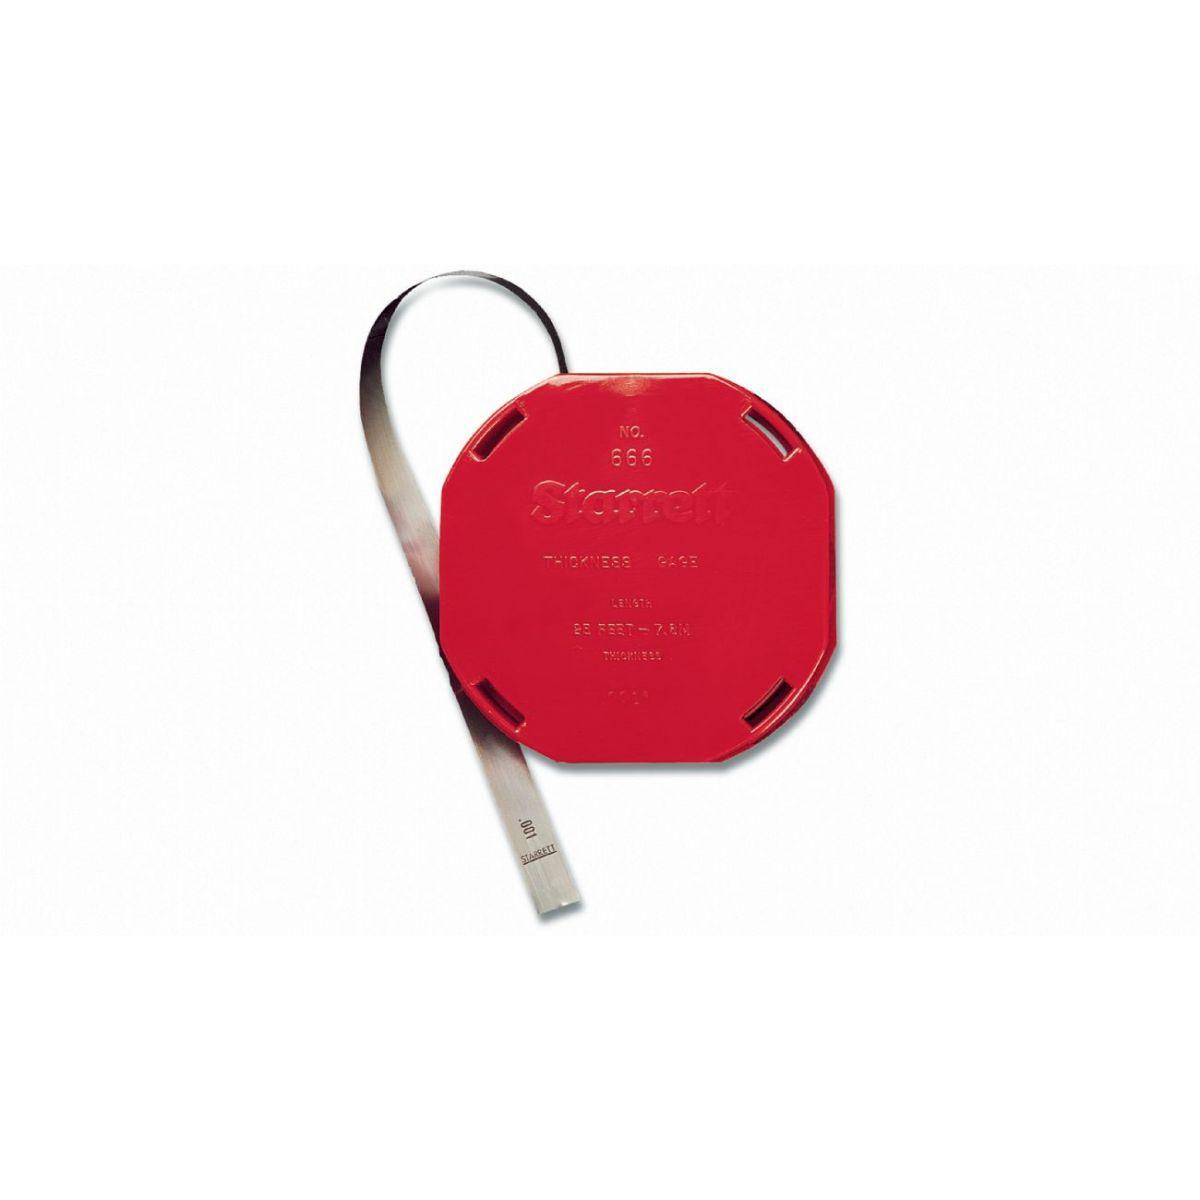 Calibrador De Folga Rolo 6,1m 13 X 1,0mm 666M-100 - STARRETT